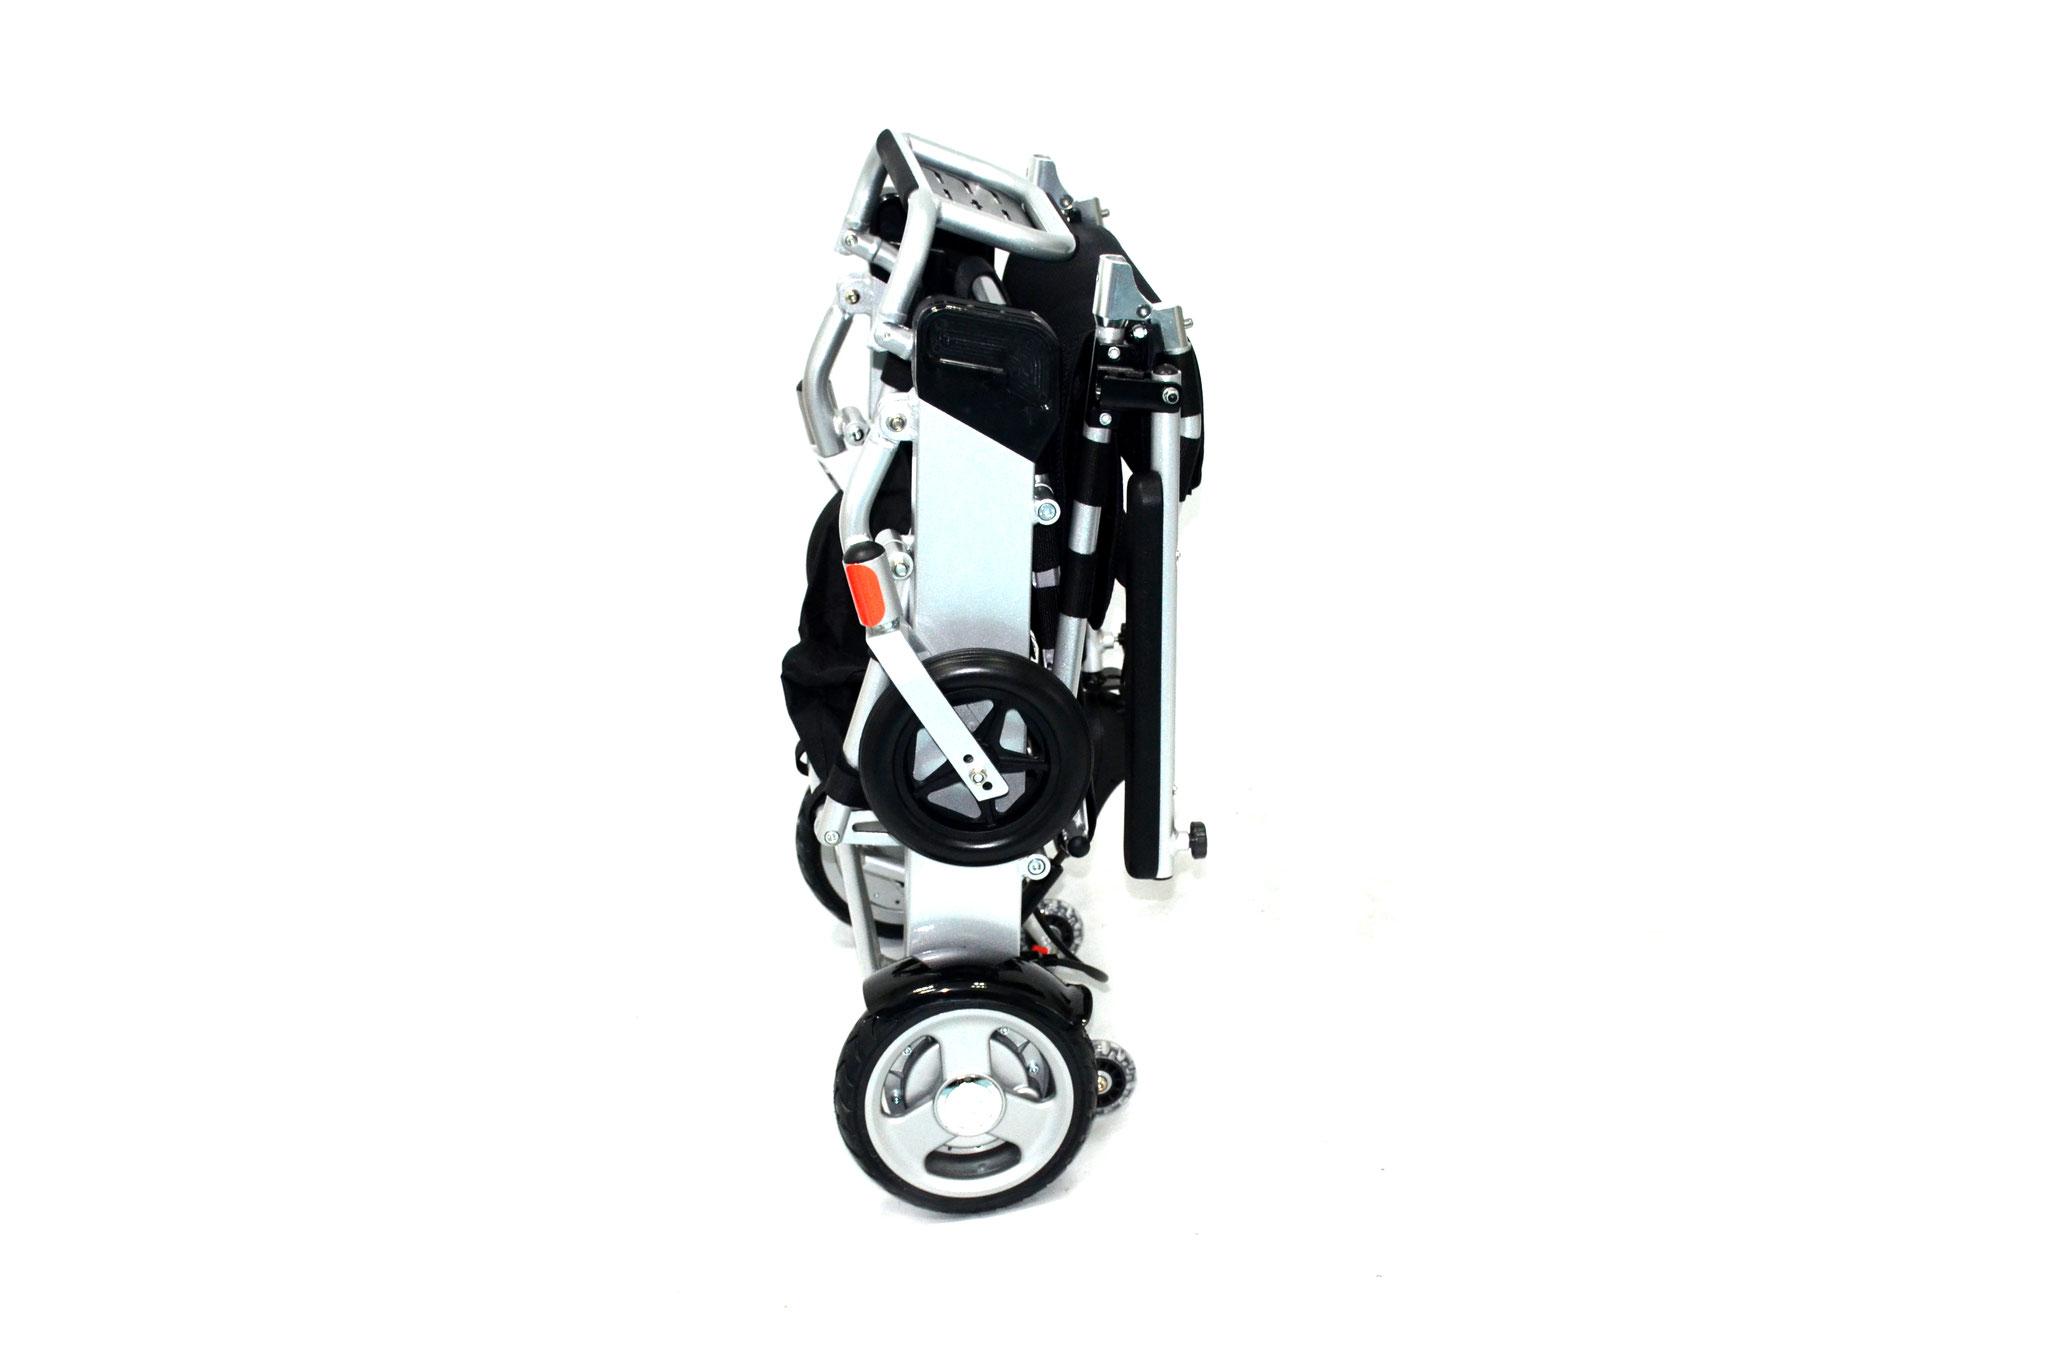 Im zusammengeklappten Zustand steht der Rollstuhl sicher in dieser Position. Das spart Platz, hilft allerdings auch enorm im Alltag. Sie müssen den Stuhl nicht jedesmal neu aufheben.